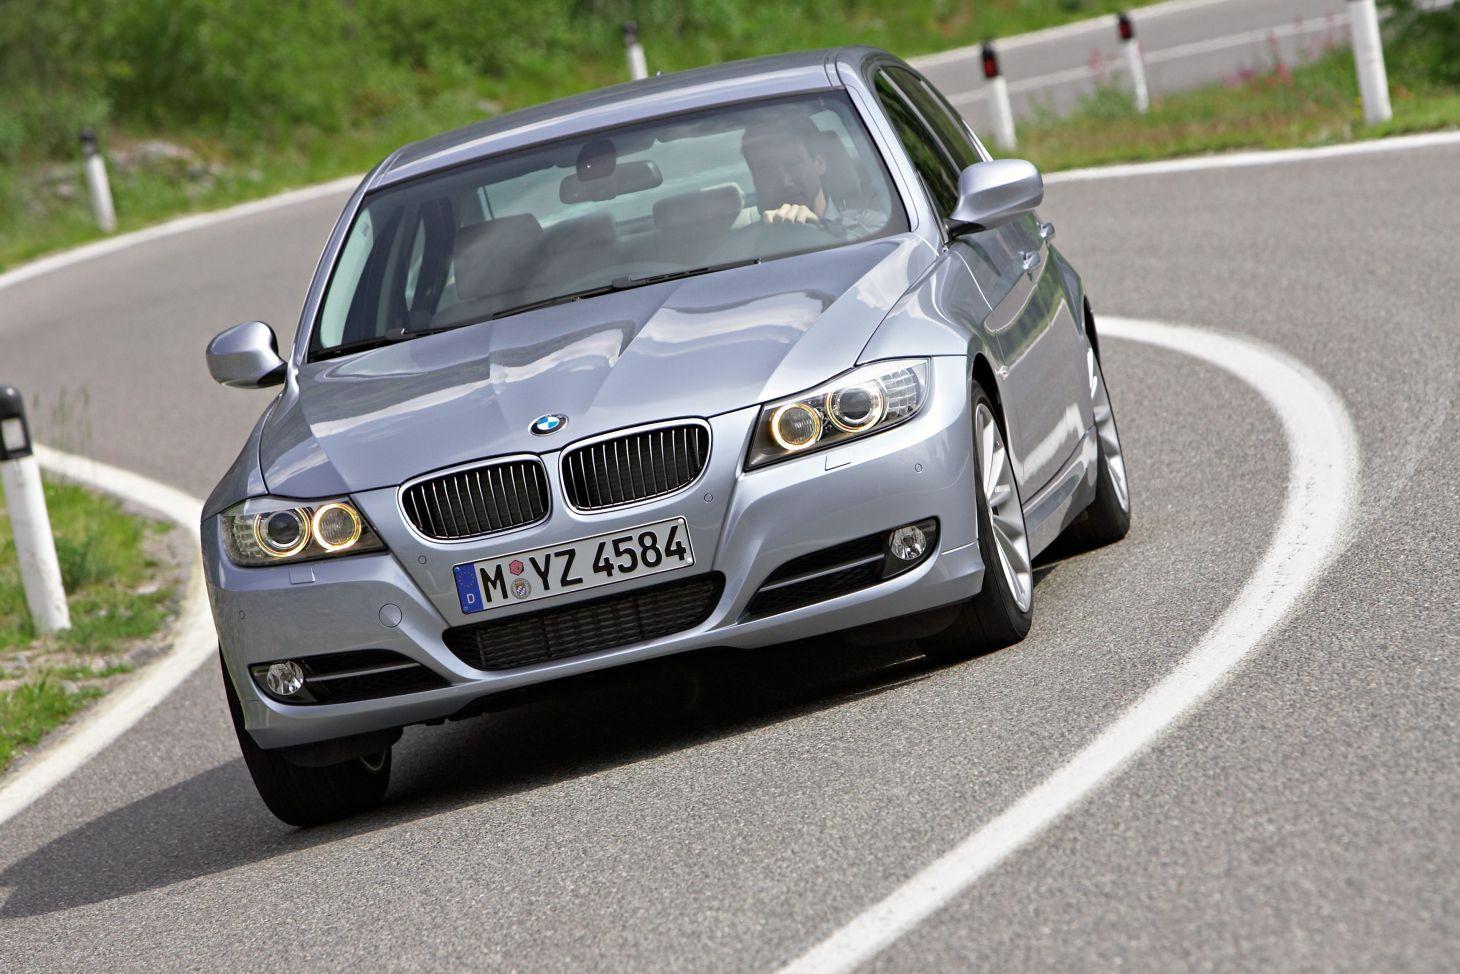 bmw_320_2011_prata Carros automáticos usados até R$ 50 mil: 10 opções